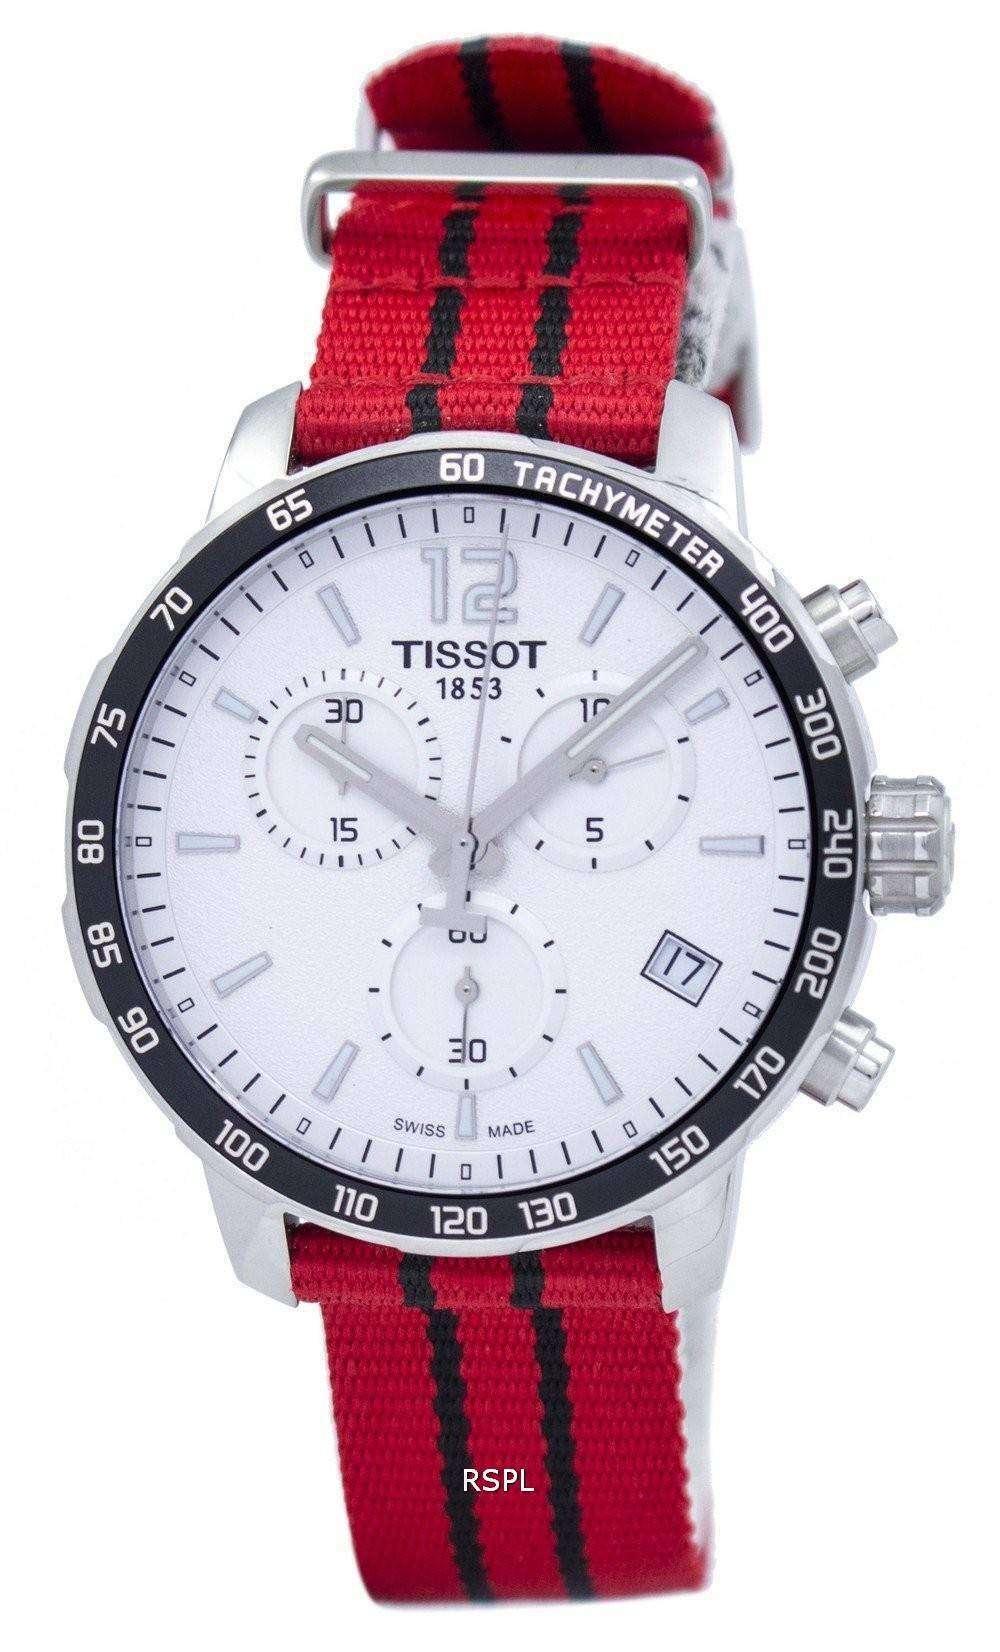 ティソ Quickster NBA シカゴ ブルズ クロノグラフ T095.417.17.037.04 T0954171703704 メンズ腕時計